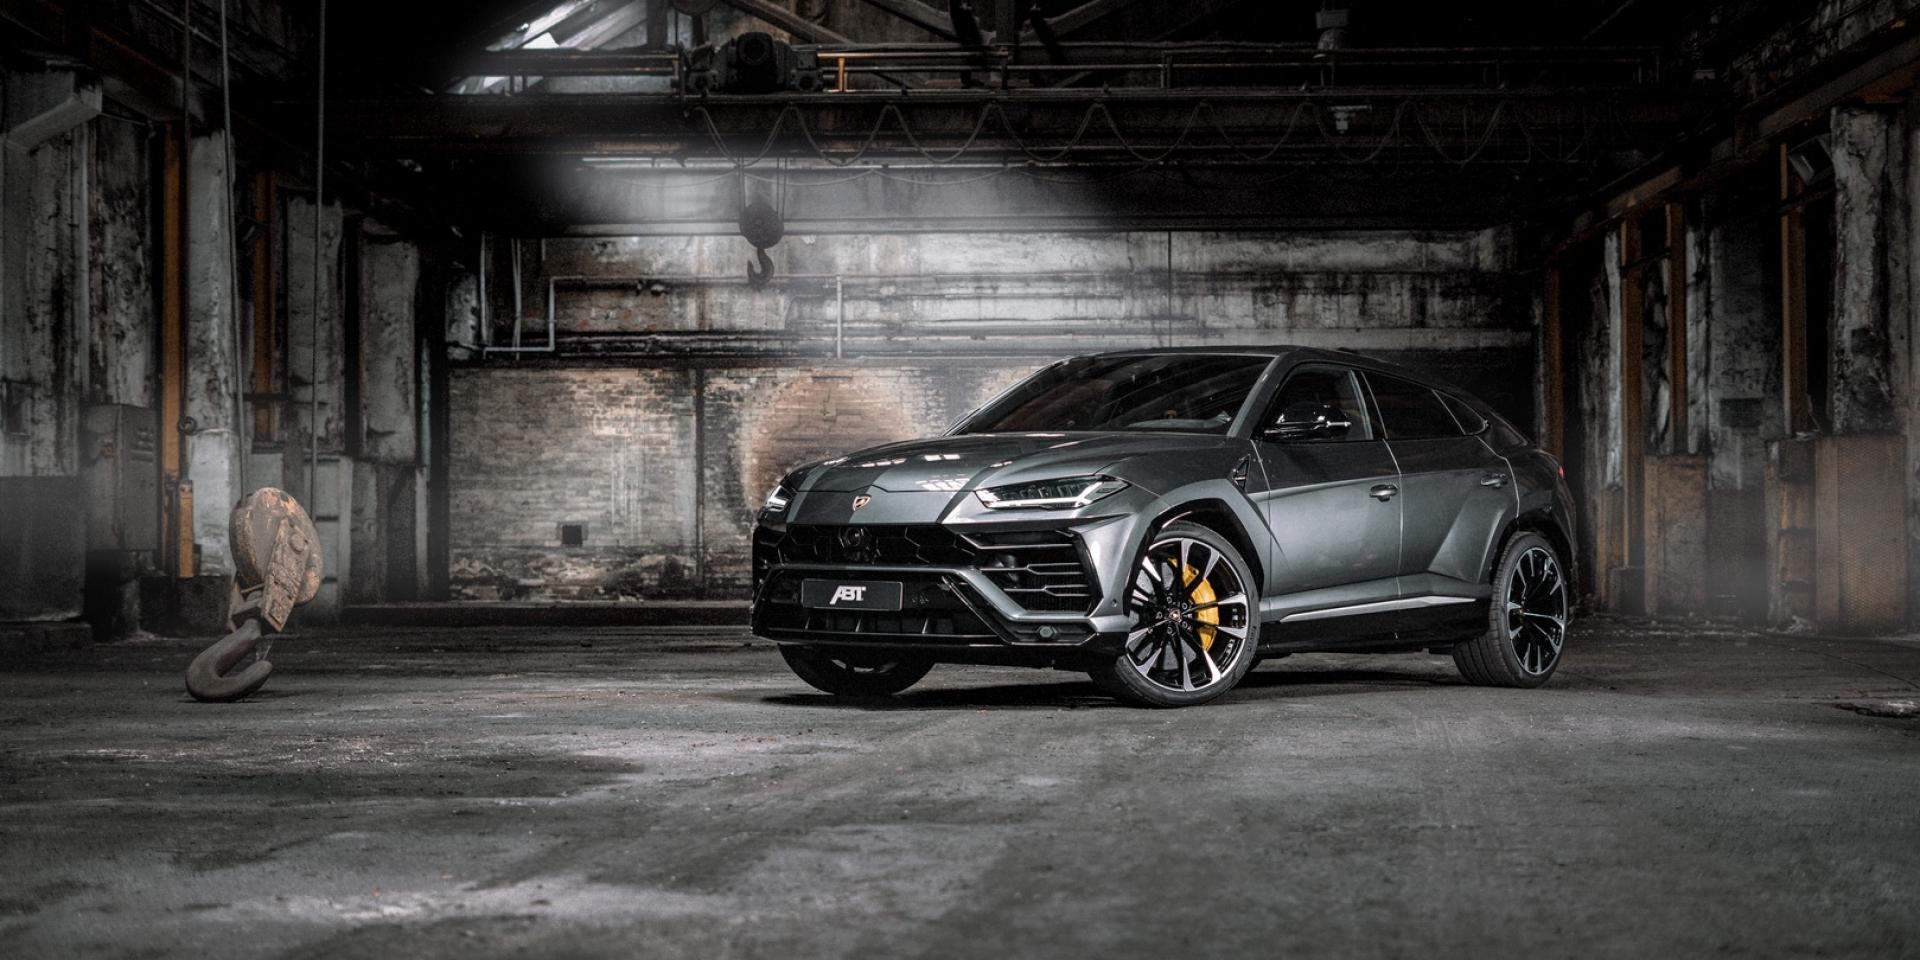 ABT首次改裝Lamborghini,Urus馬力突破700hp大關!